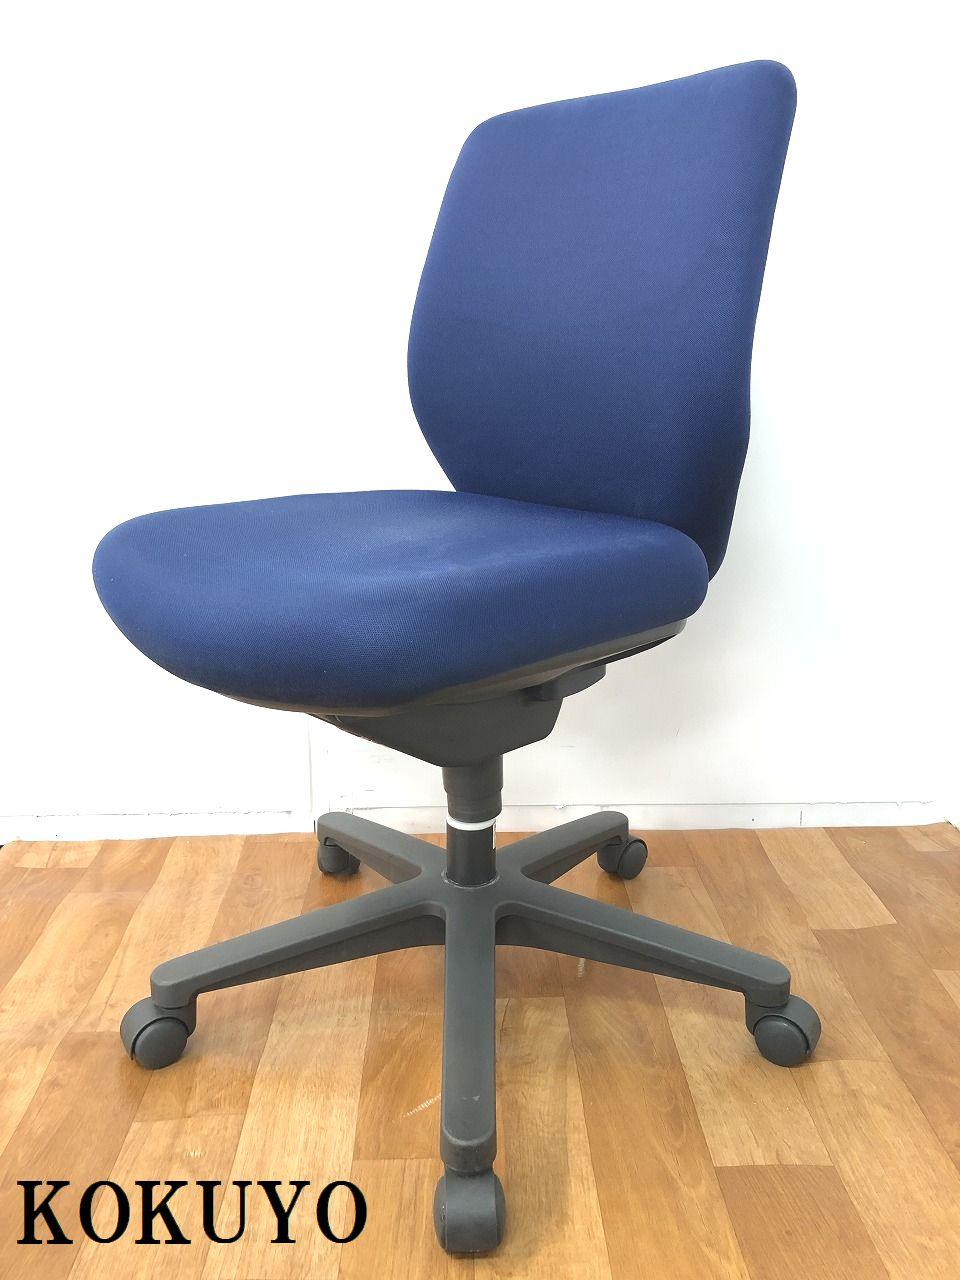 【ダブルクッション構造で快適な座り心地でサポートしてくれるOAチェアです!!】